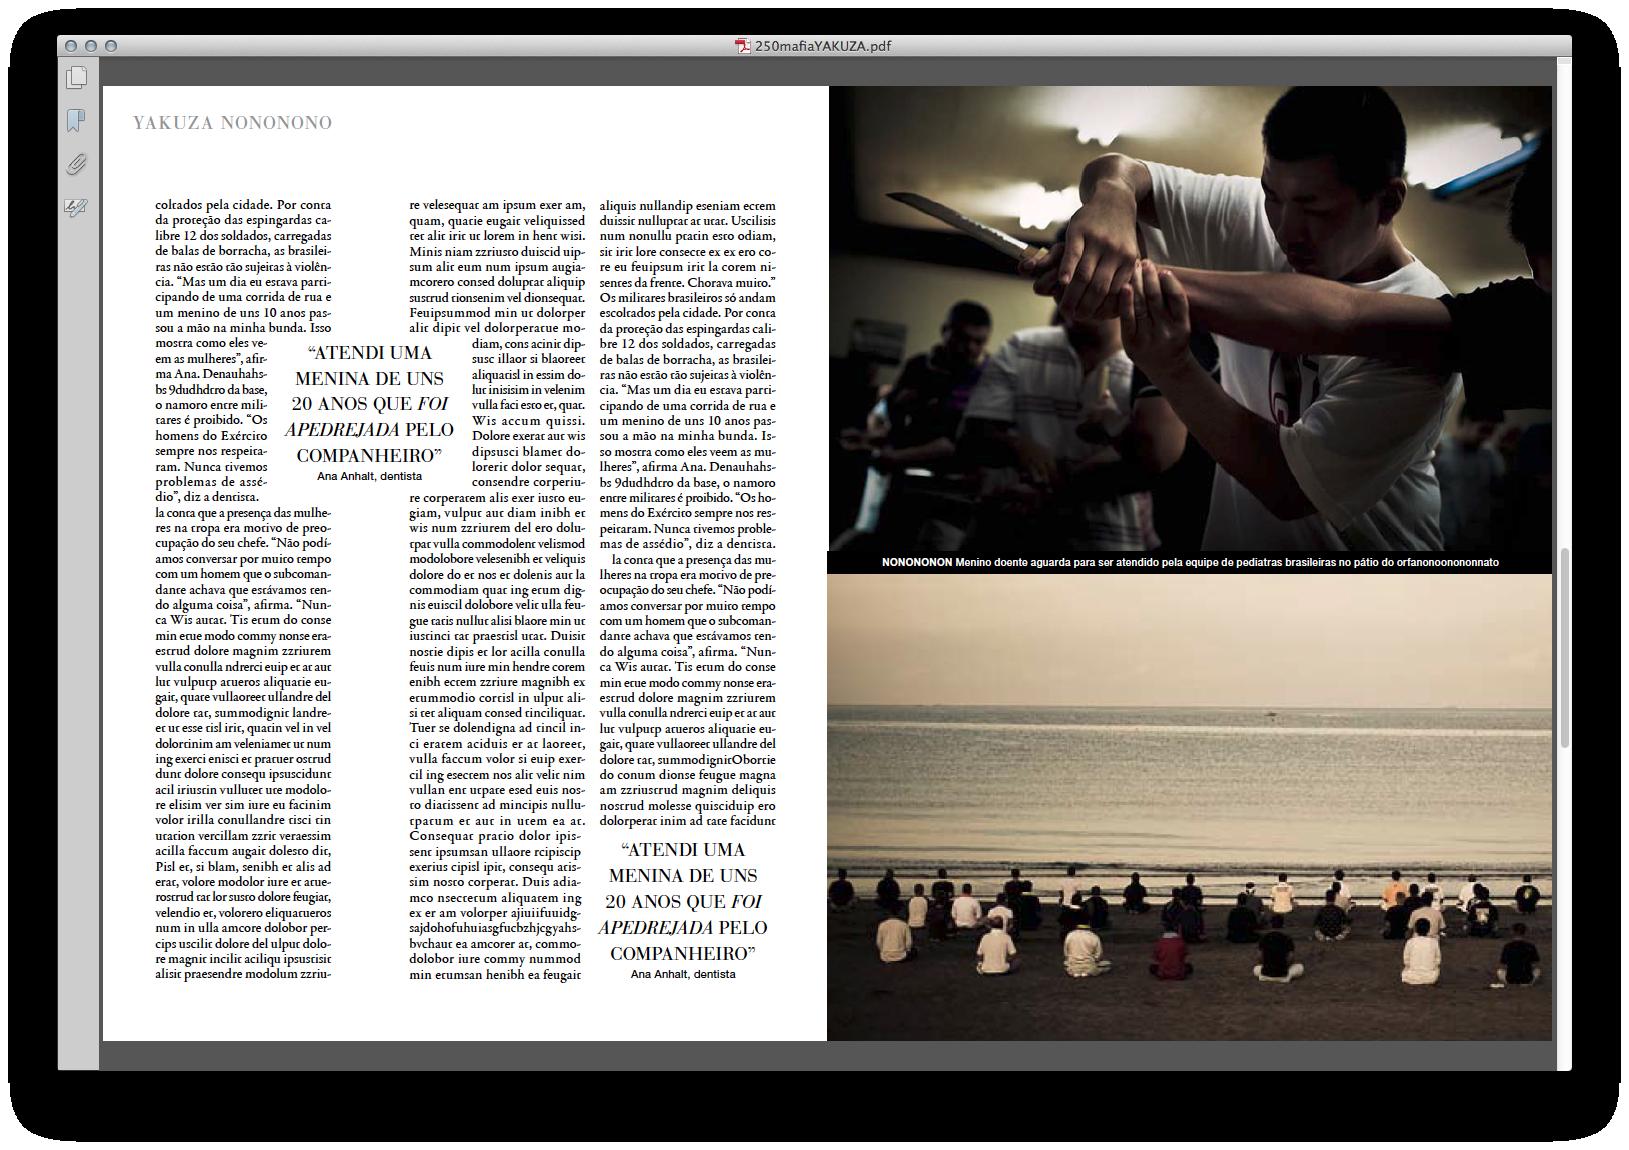 Screen-Shot-2012-02-12-at-13.28.49.png